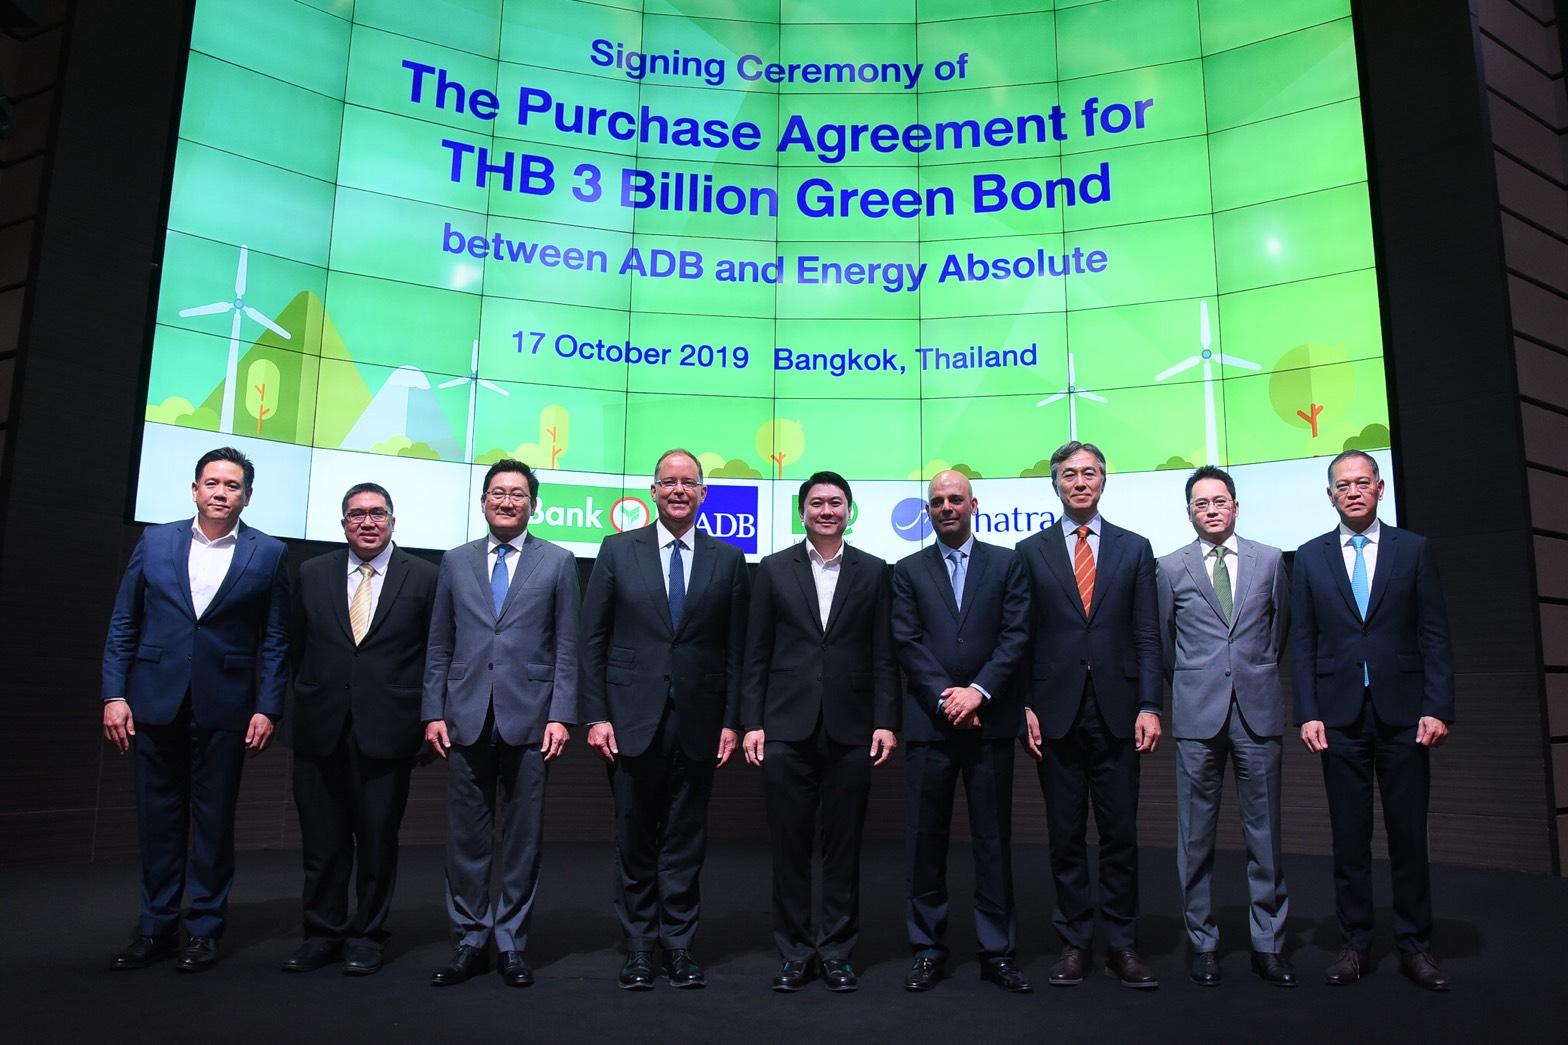 ADB ซื้อ Green Bond ของ EA 3 พันลบ. ค่าลงทุนโครงการหนุมาน